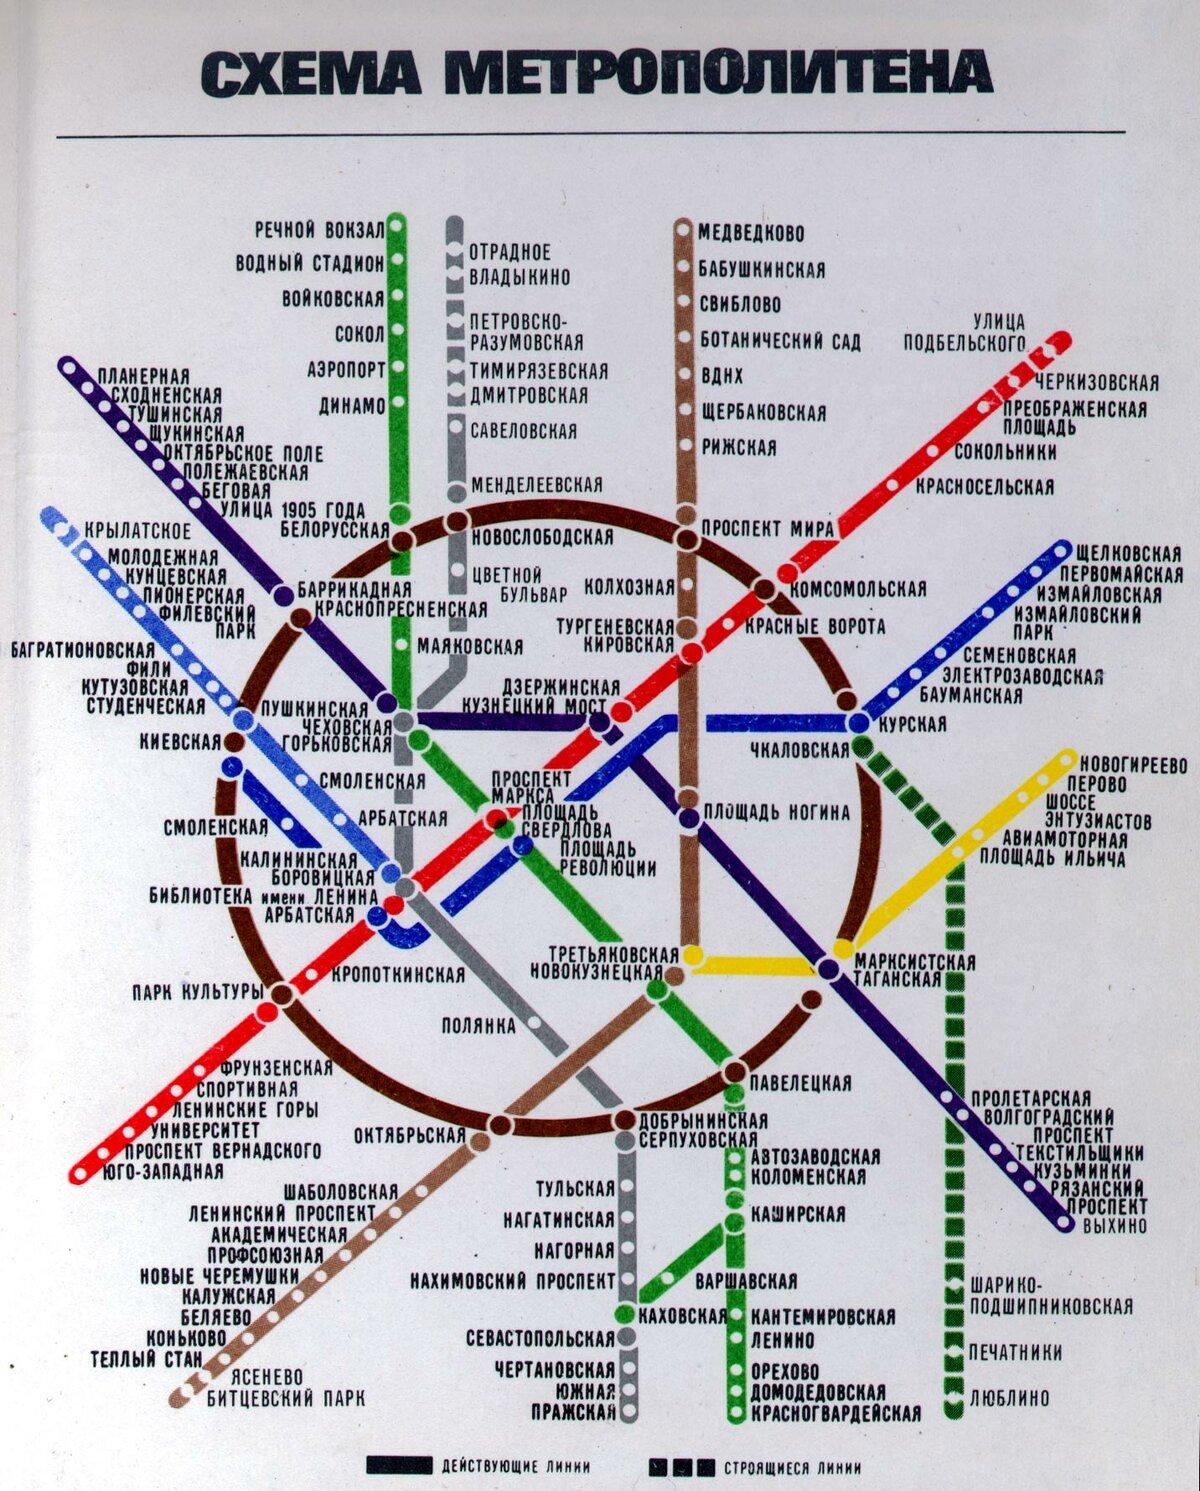 путешествие открытка схема метро фильмов про американскую